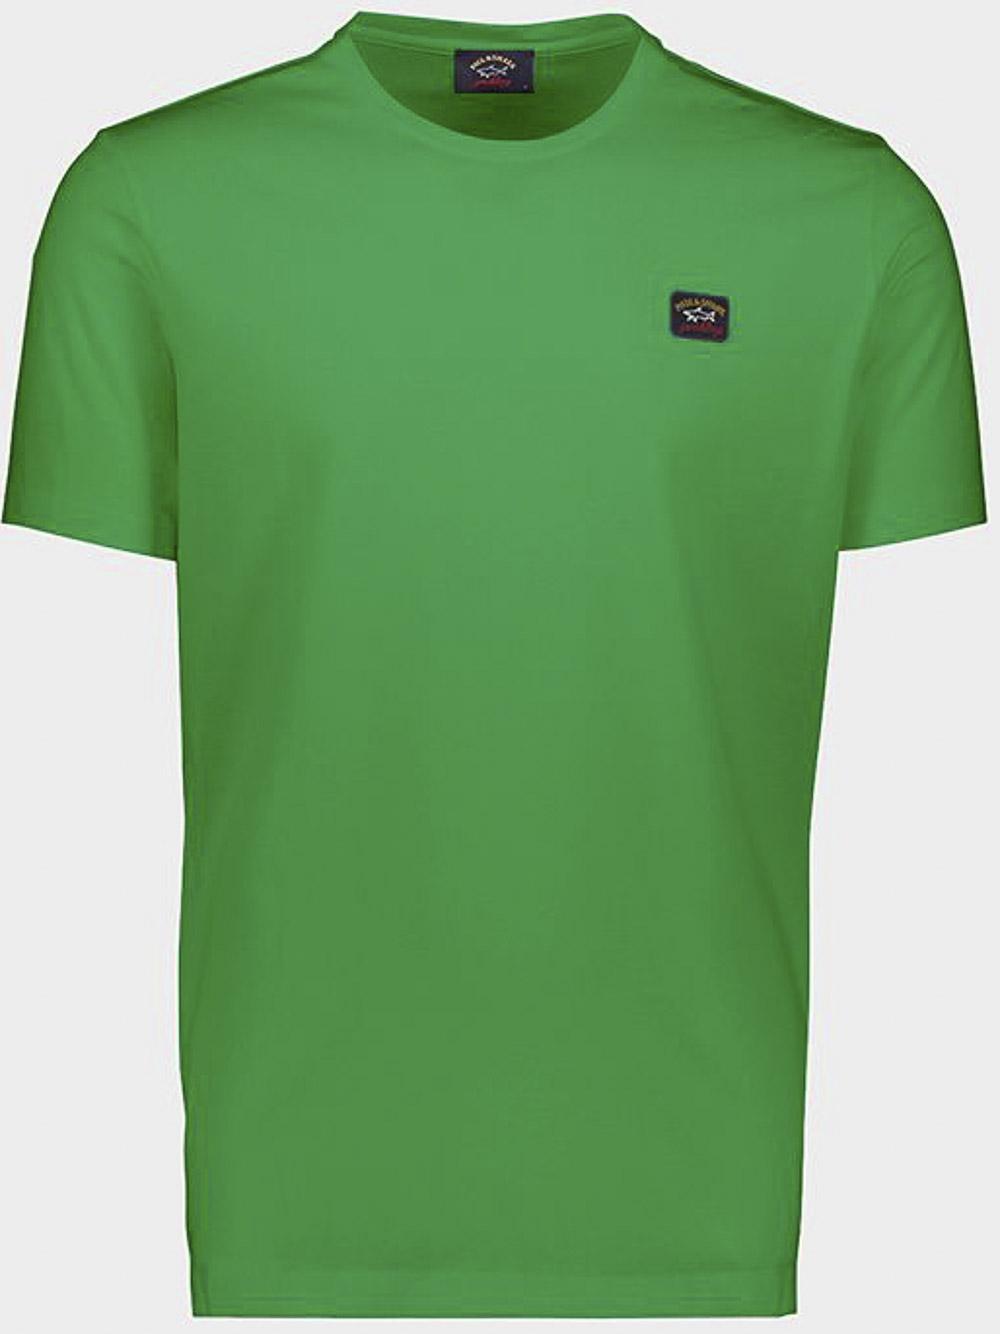 PAUL & SHARK Μπλούζα T-Shirt COP1002-061 ΠΡΑΣΙΝΟ